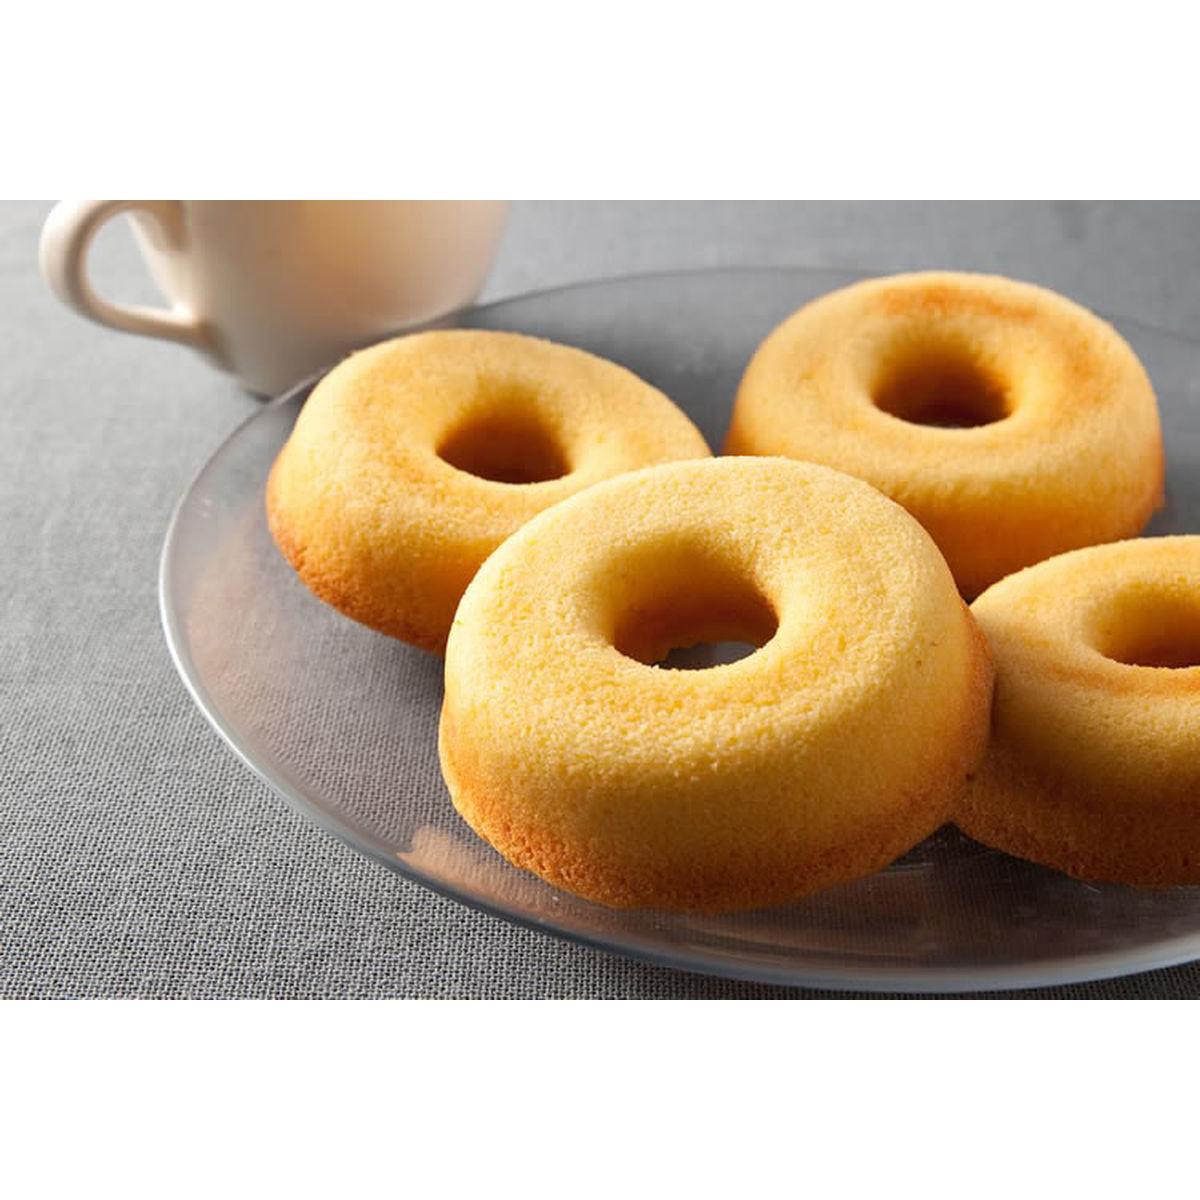 食譜:烤甜甜圈